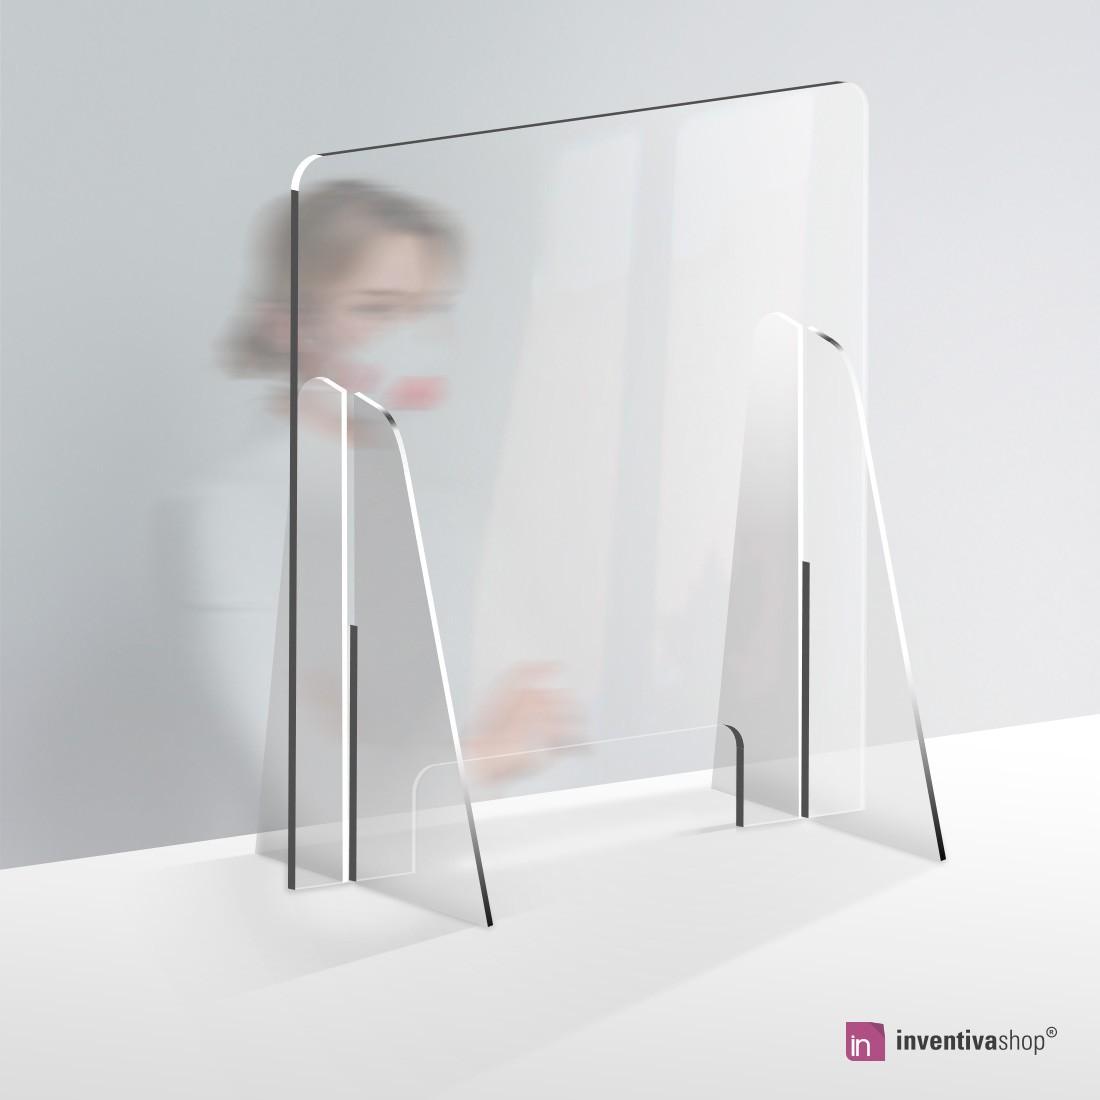 Divisori In Plexiglass Per Esterni barriere in plexiglass: pannelli protettivi -